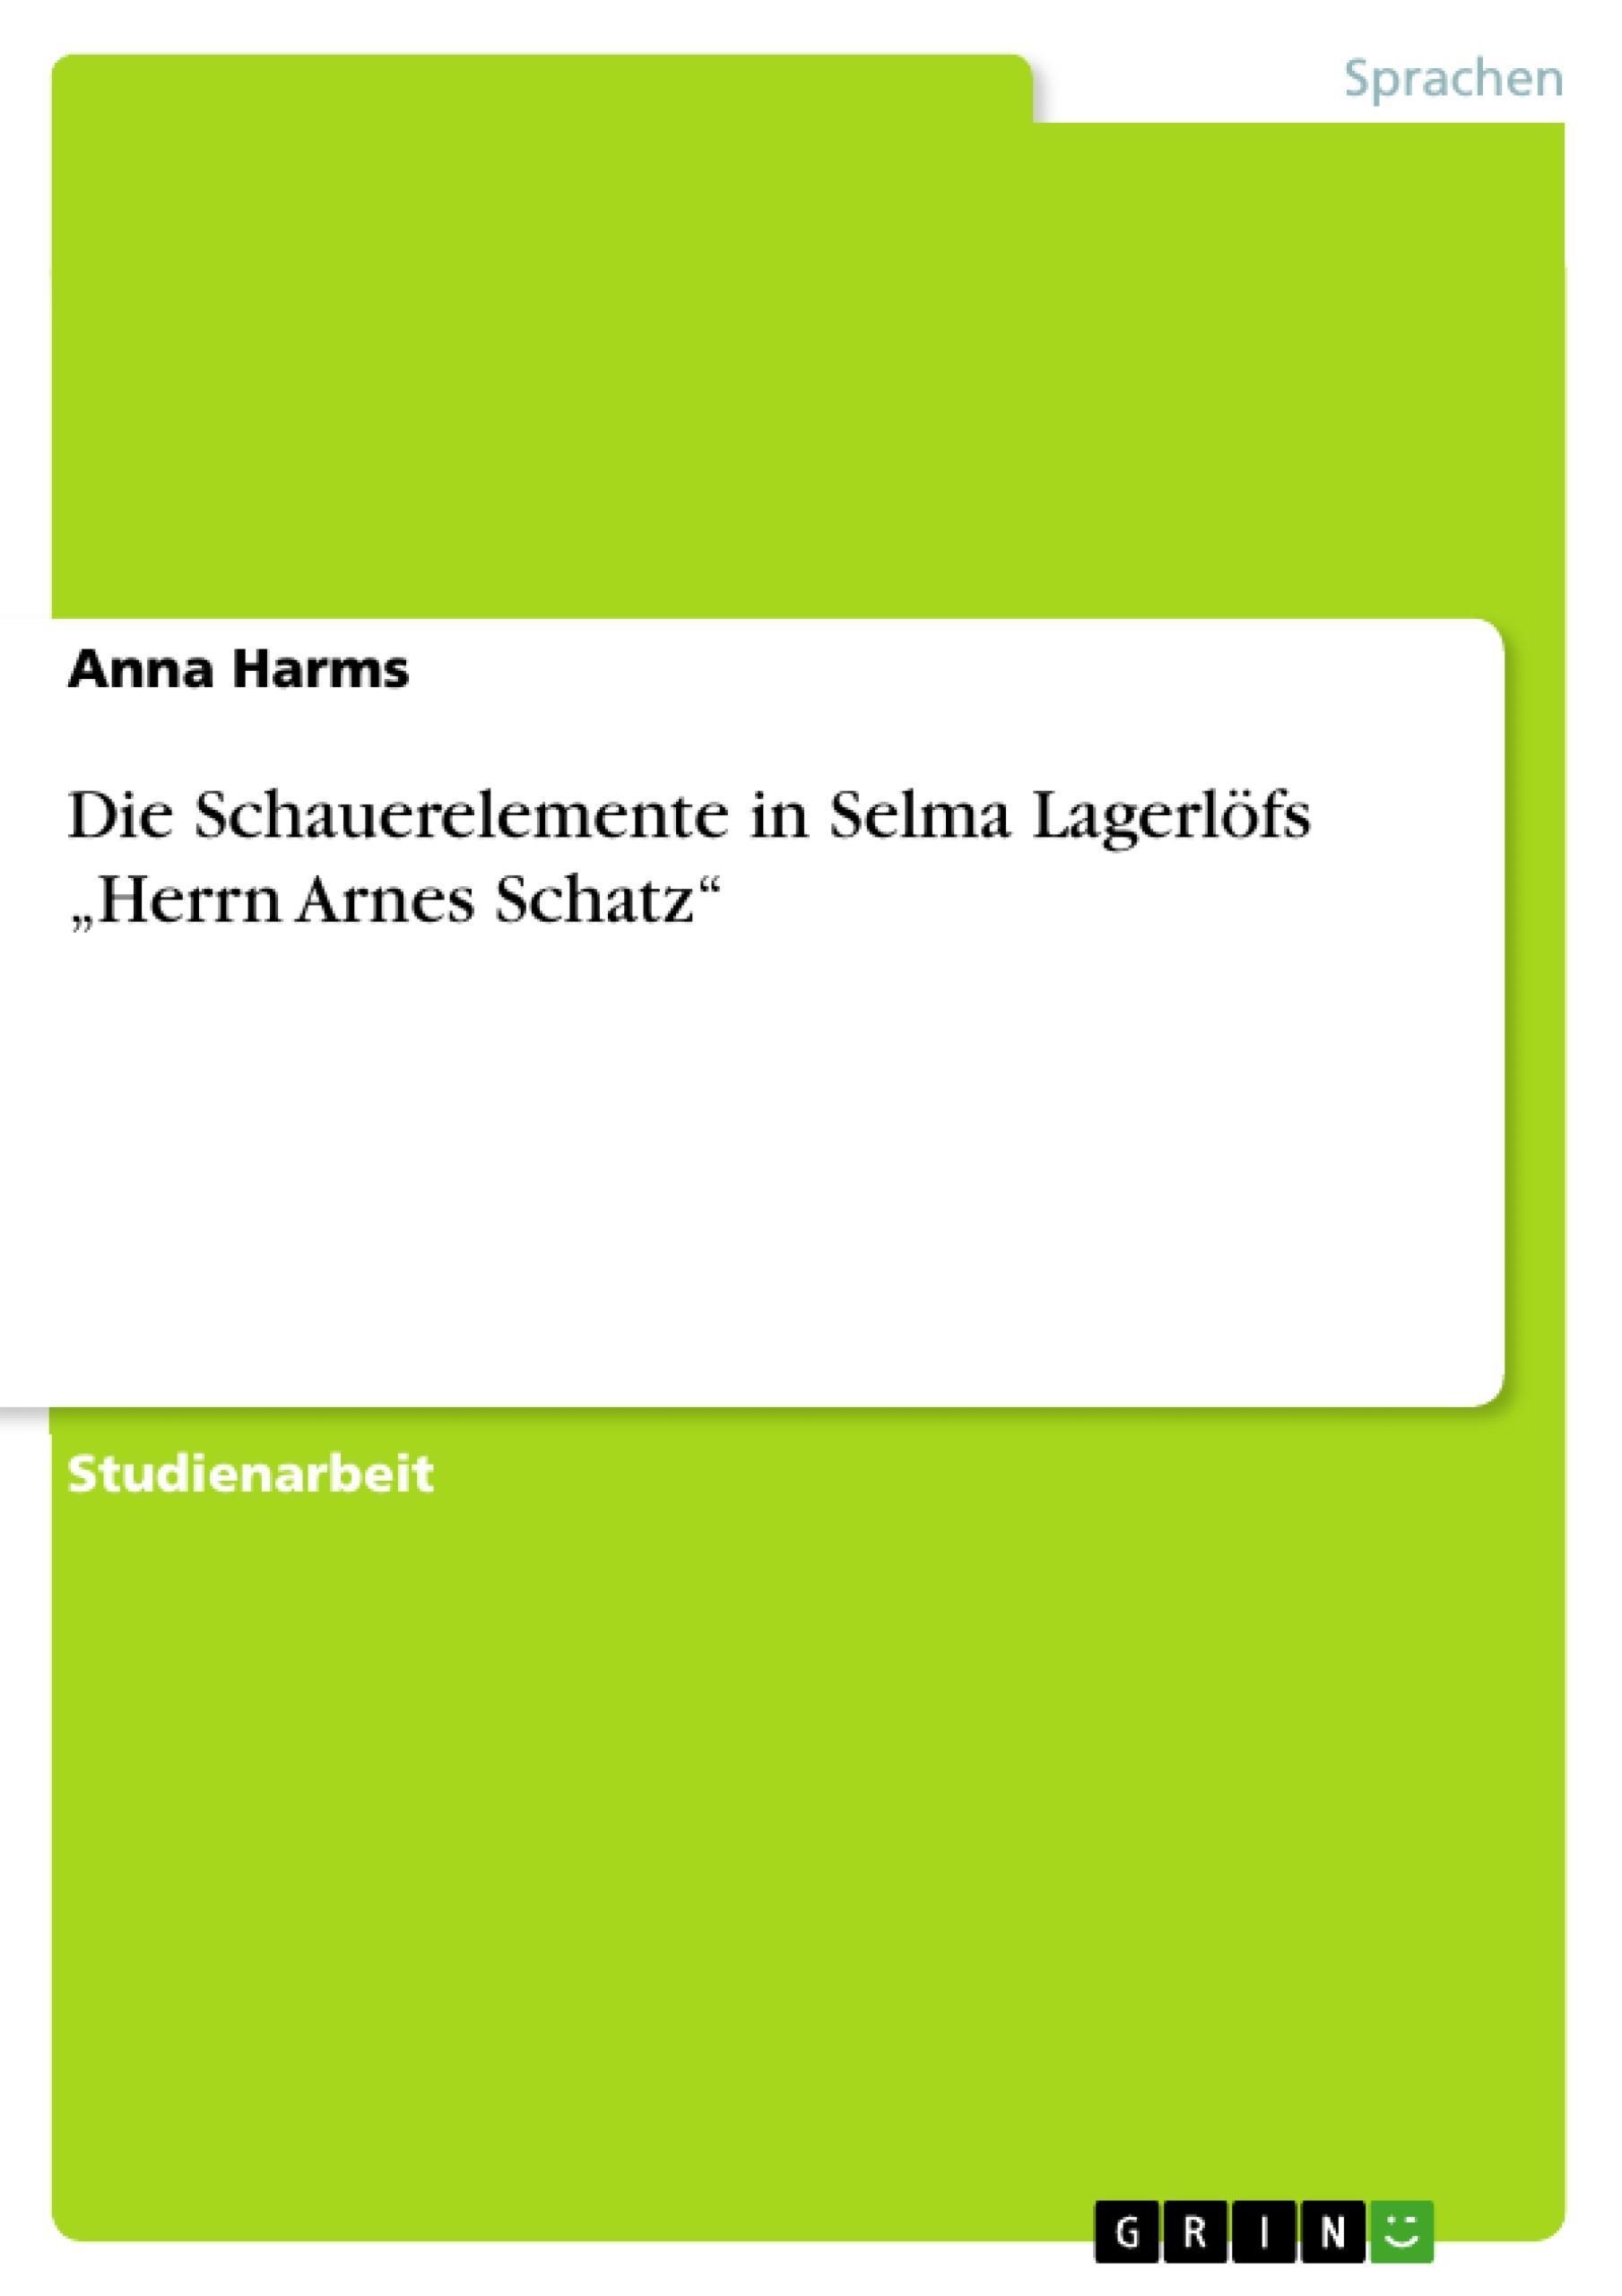 """Die Schauerelemente in Selma Lagerlöfs """"""""Herrn Arnes Schatz"""""""" Anna Harms"""